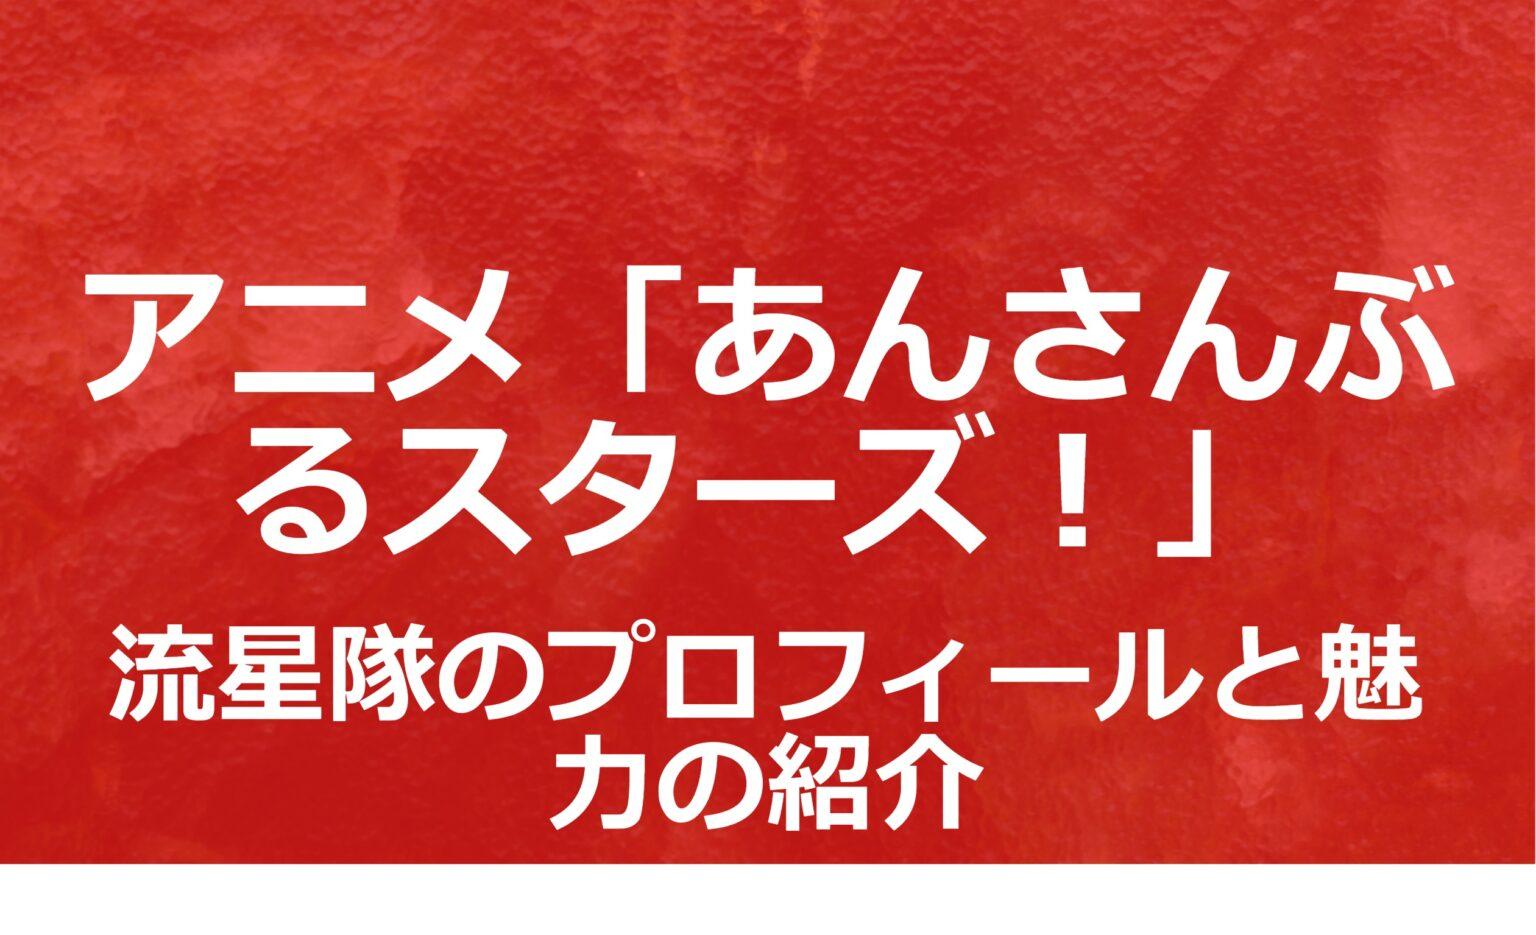 アニメ「あんさんぶるスターズ!」に登場する正義のヒーローユニット「流星隊」に所属するメンバーのプロフィールと魅力を紹介!